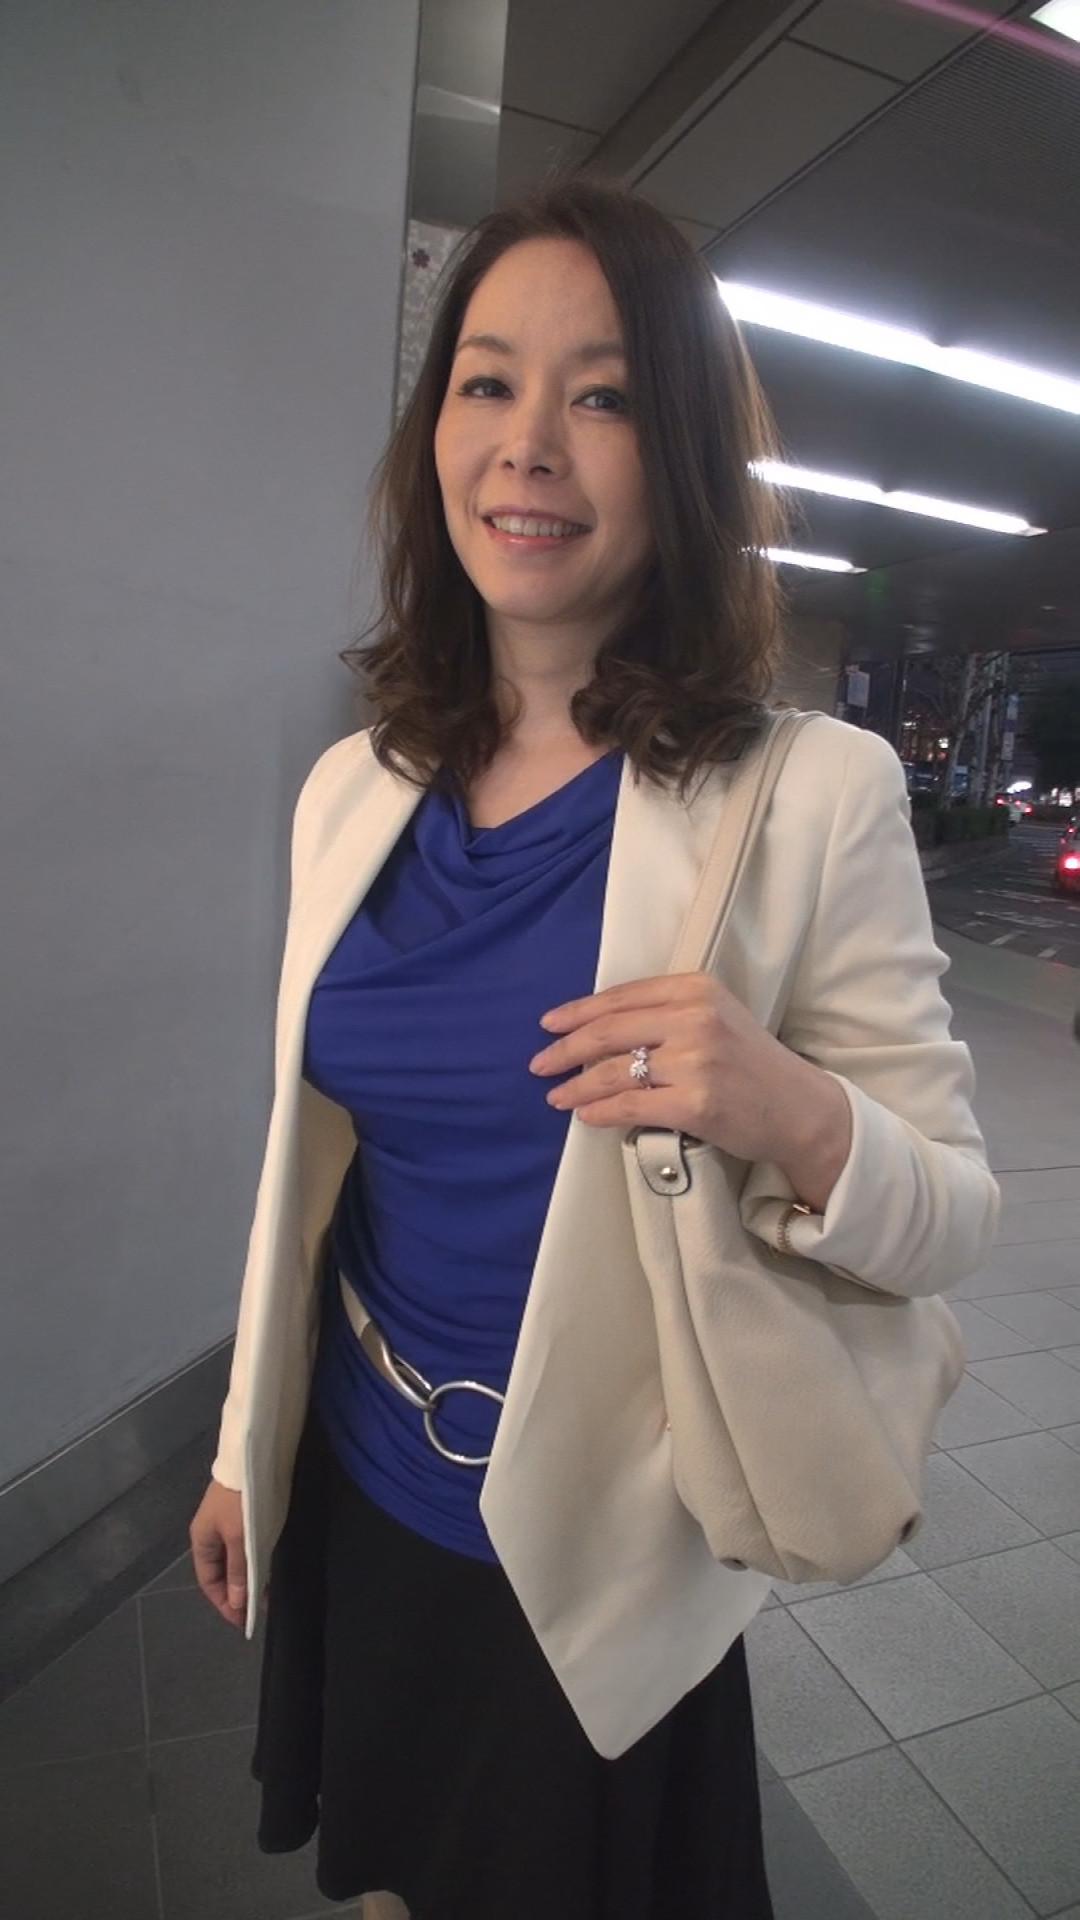 【Newチャレンジ企画第9弾!!】素人奥さんナンパ~難関人妻ナンパで何人ゲット出来るのか?!~